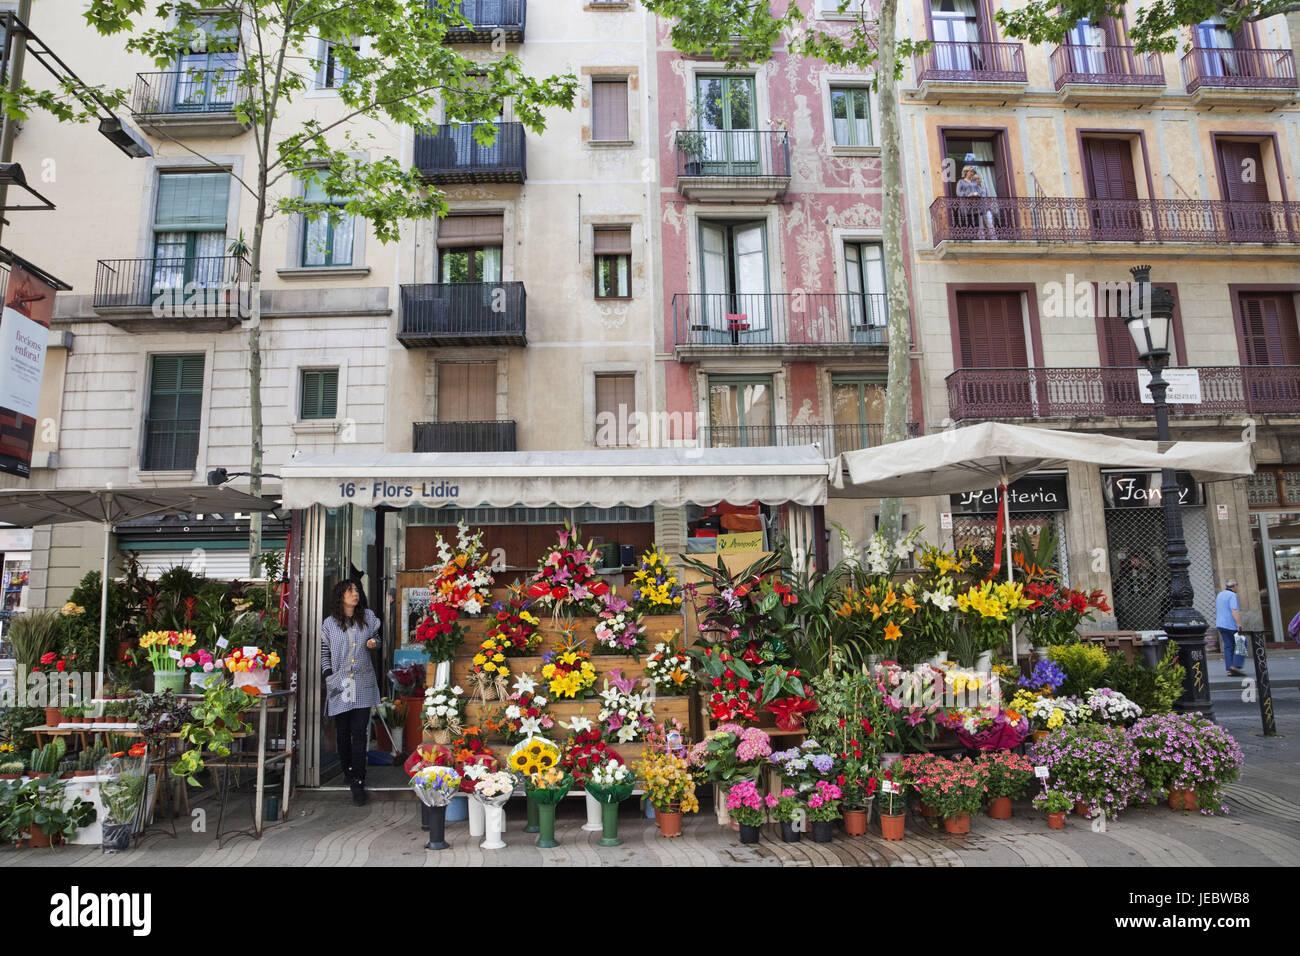 Spagna, Barcellona, Ramblas, fiore stand, Immagini Stock